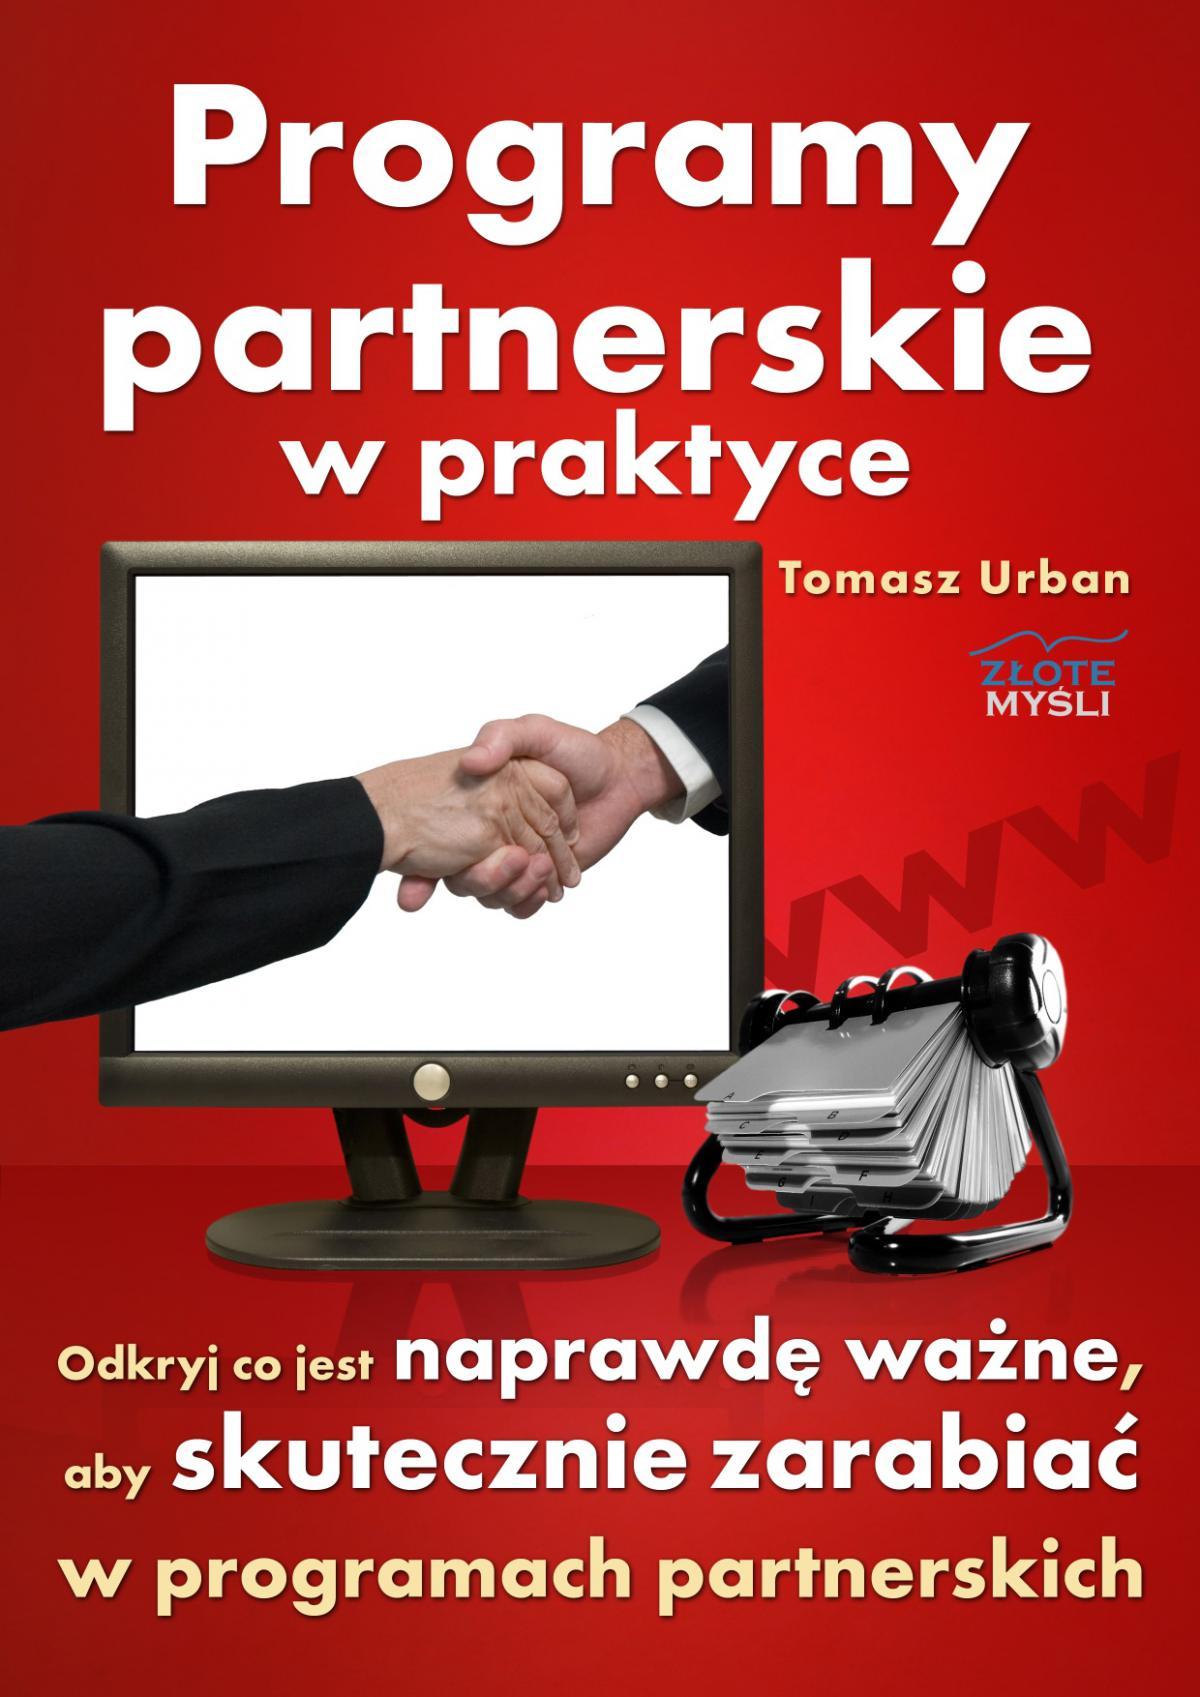 Programy partnerskie w praktyce - Ebook (Książka PDF) do pobrania w formacie PDF